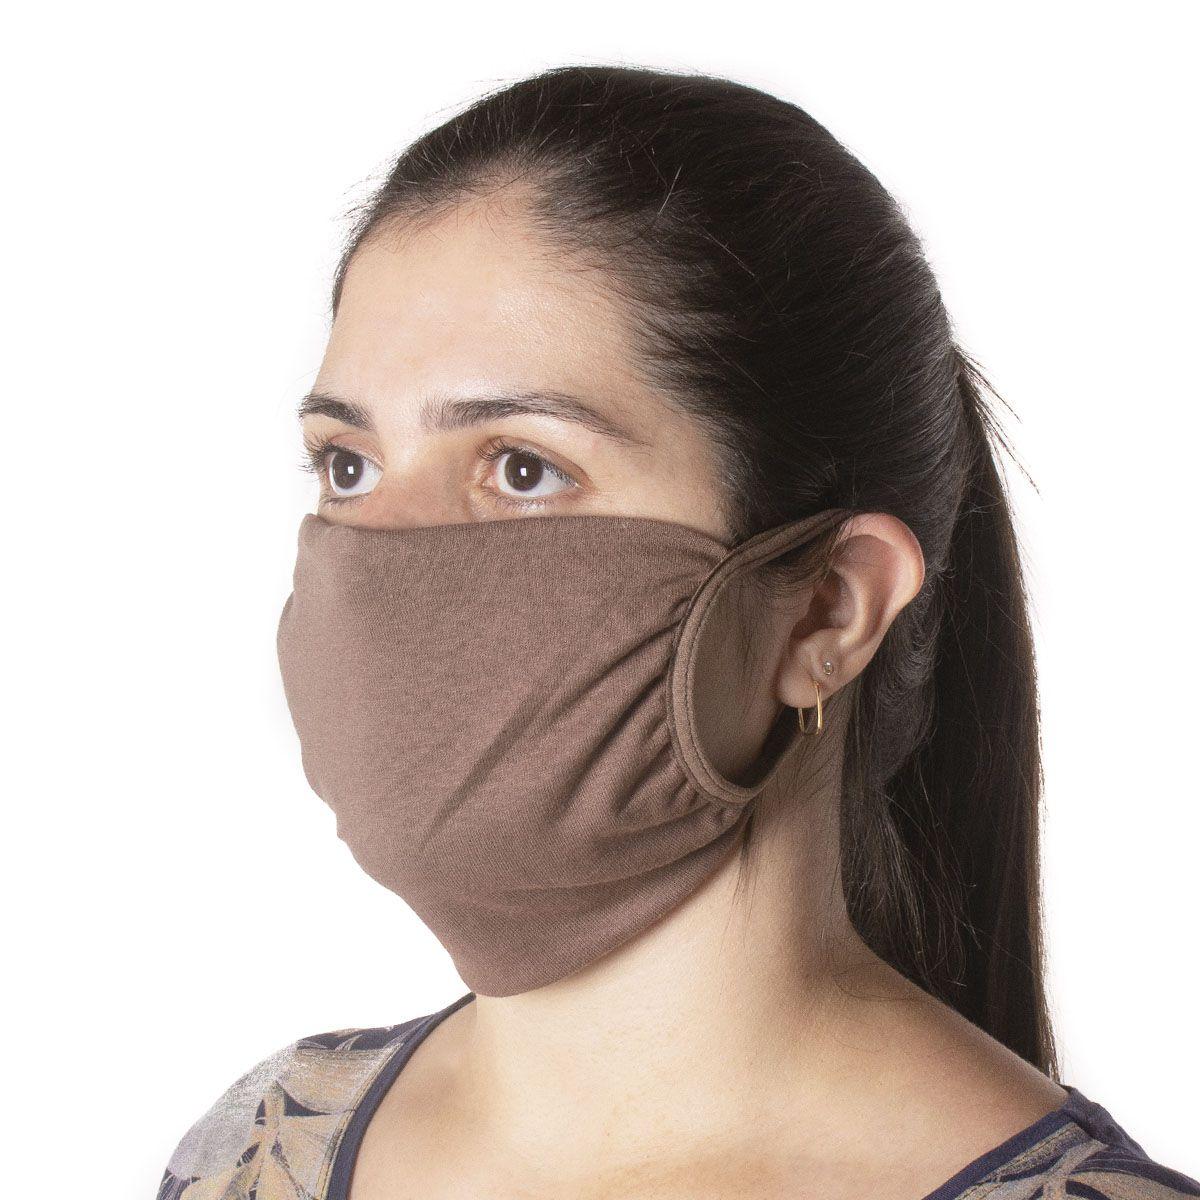 Kit com 10 Unidades de Máscaras de Proteção em Tecido de Algodão Reutilizável